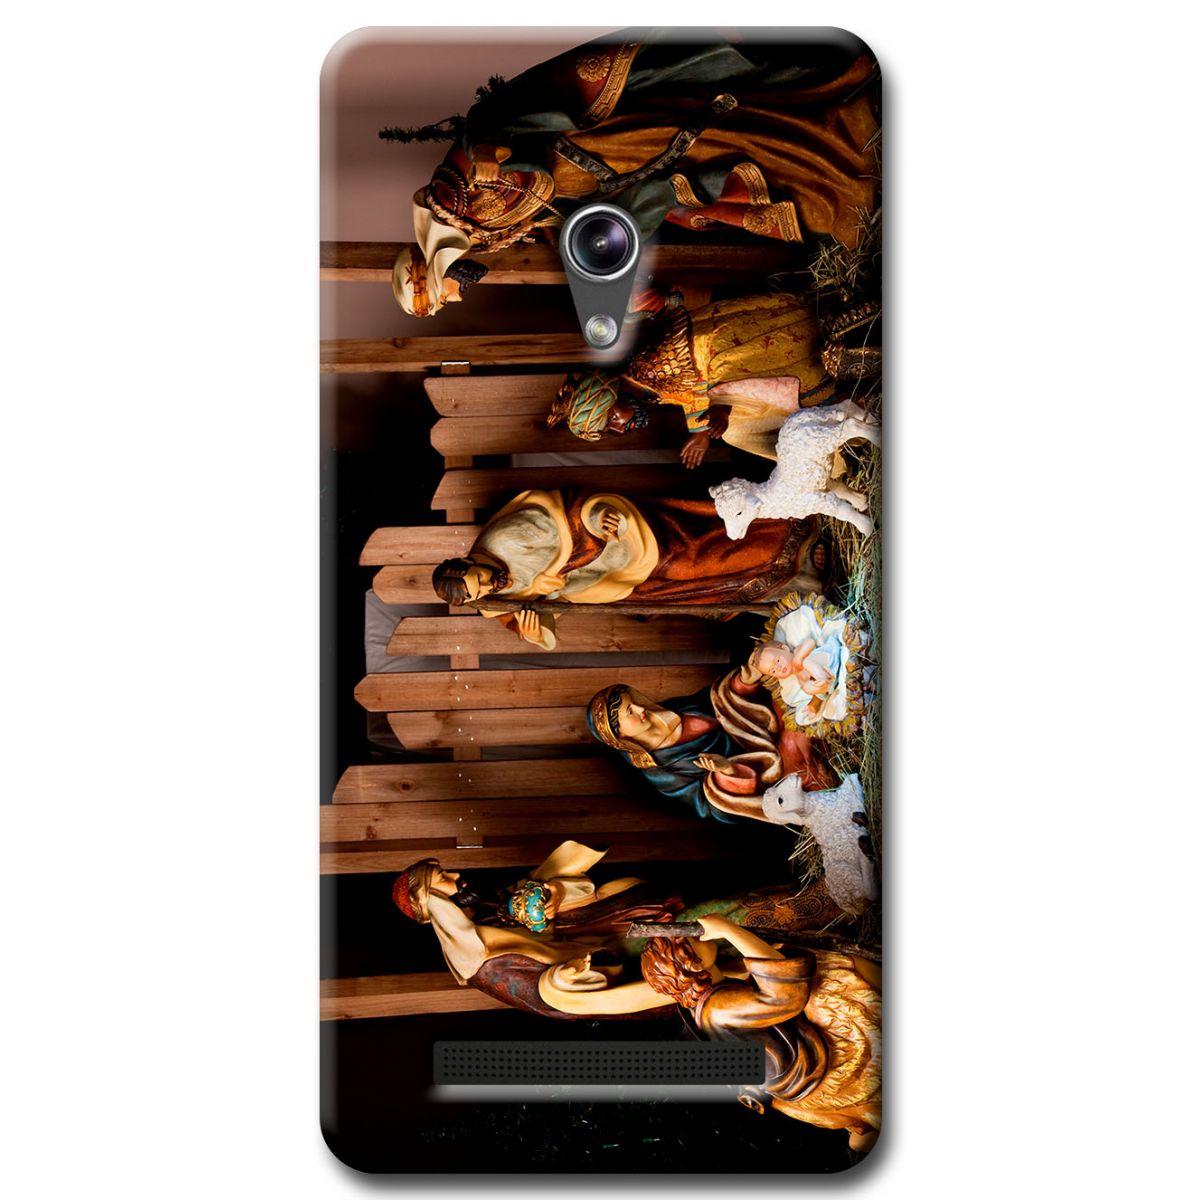 Capa Personalizada para Asus Zenfone 6 A600CG A601 - RL11